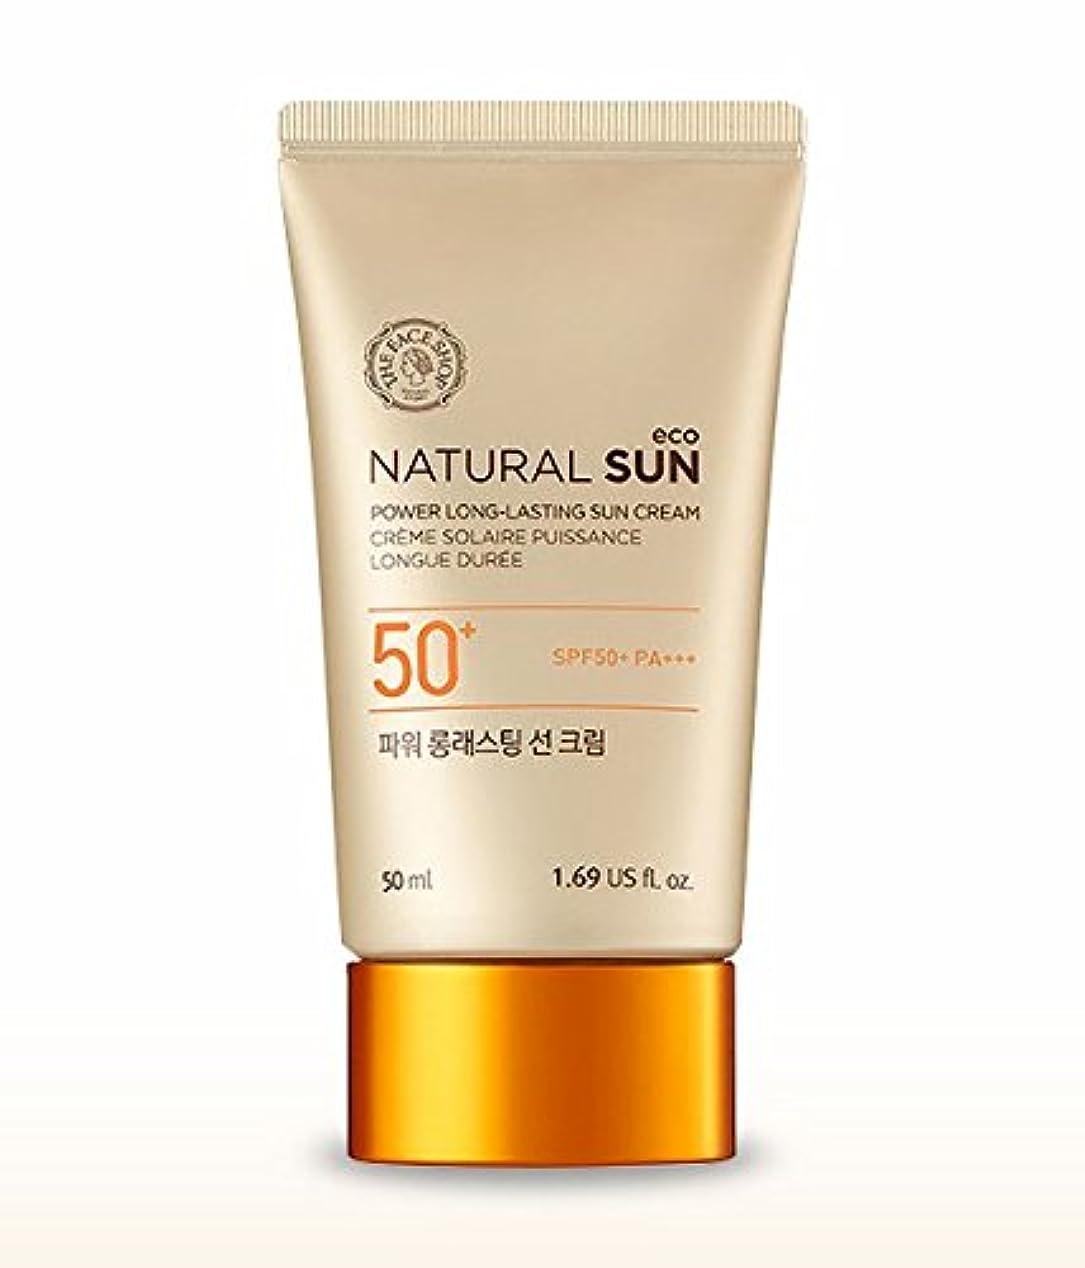 巨大ダーリン艦隊THE FACE SHOP Natural Sun Eco Power Long Lasting Sun Cream 50mlザフェイスショップ ナチュラルサンパワーロングラスティングサンクリーム [並行輸入品]